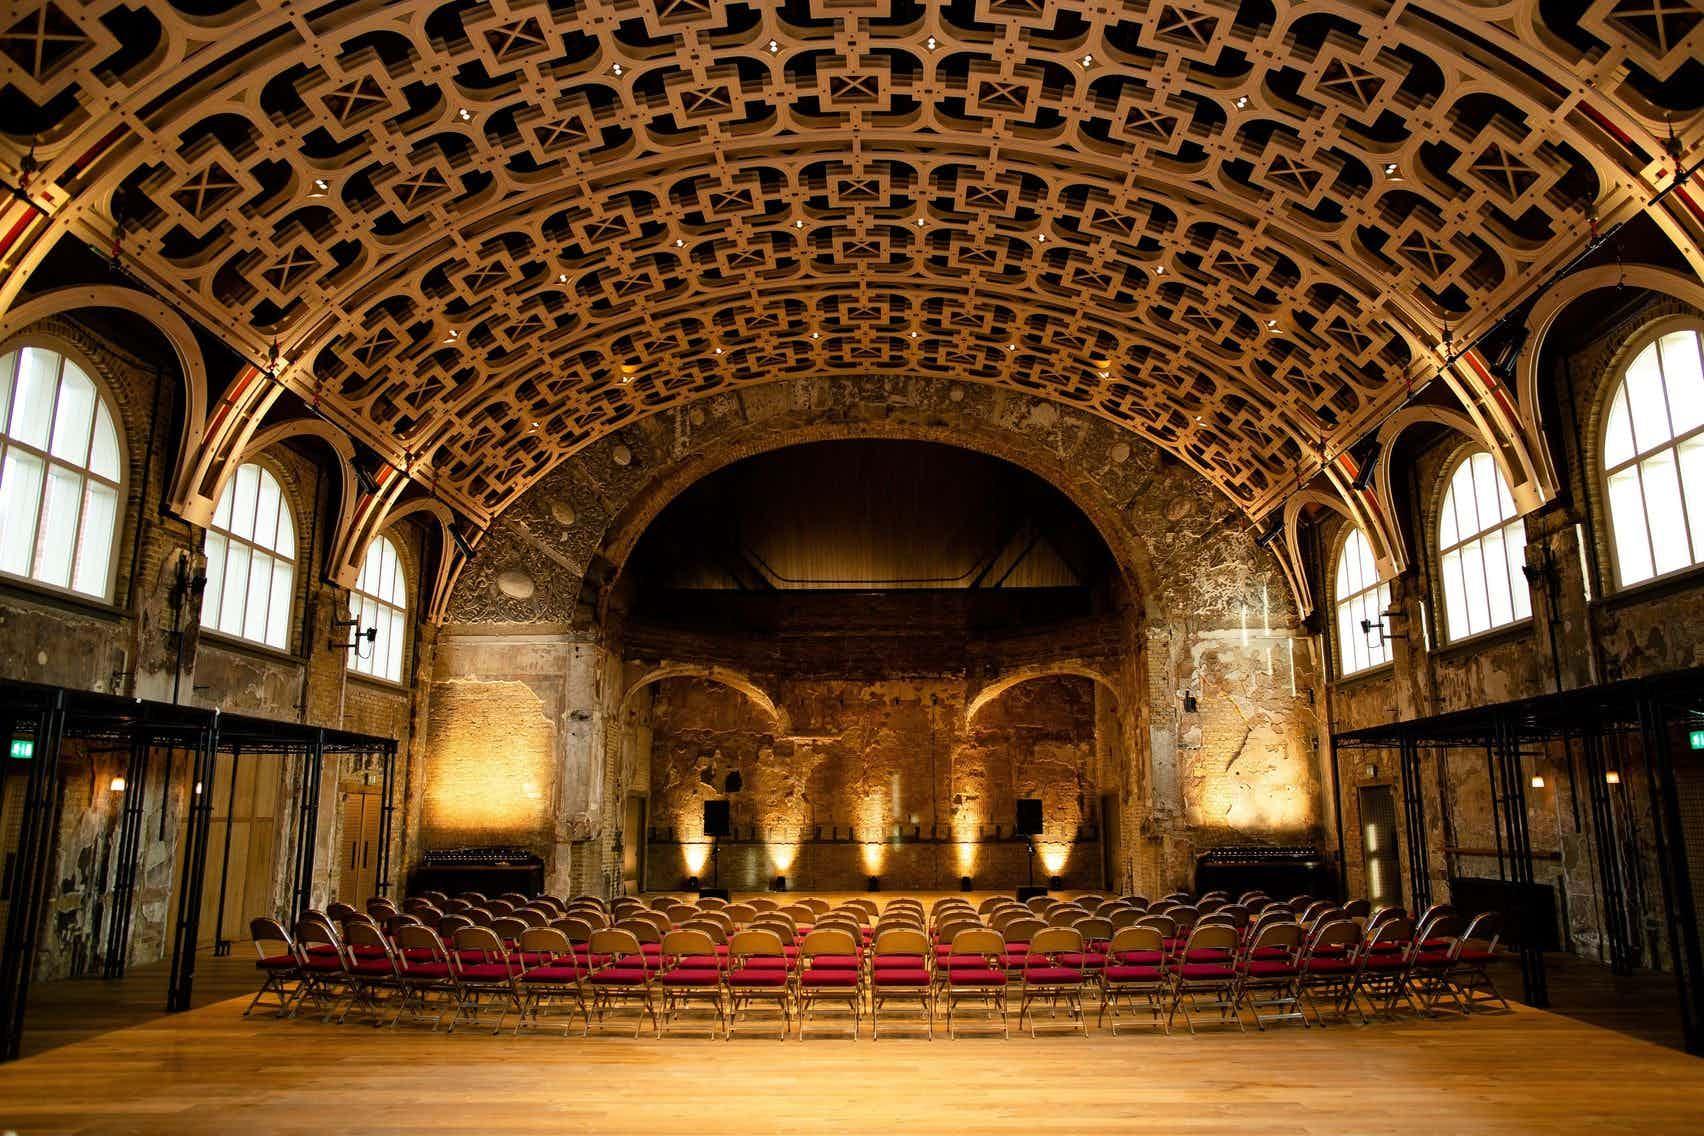 The Grand Hall, Battersea Arts Centre